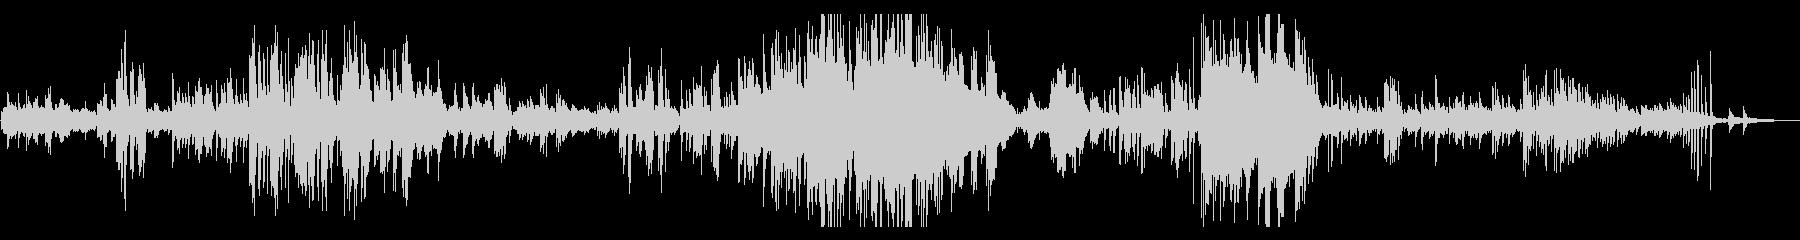 ノクターン(夜想曲) 第8番 ショパンの未再生の波形